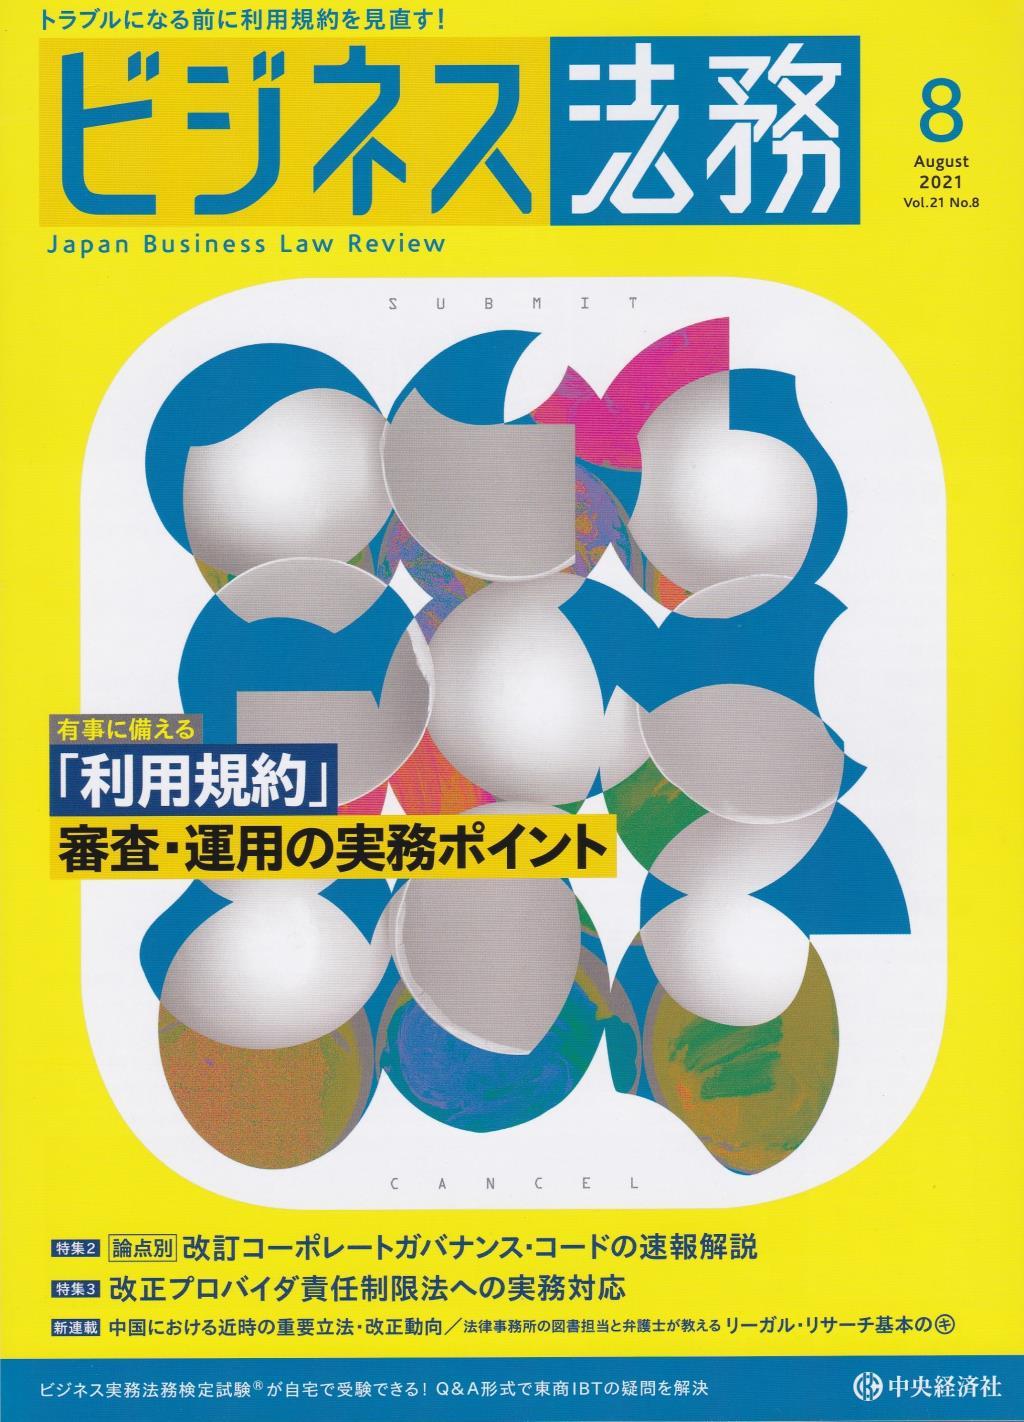 ビジネス法務 2021/8 Vol.21 No.8